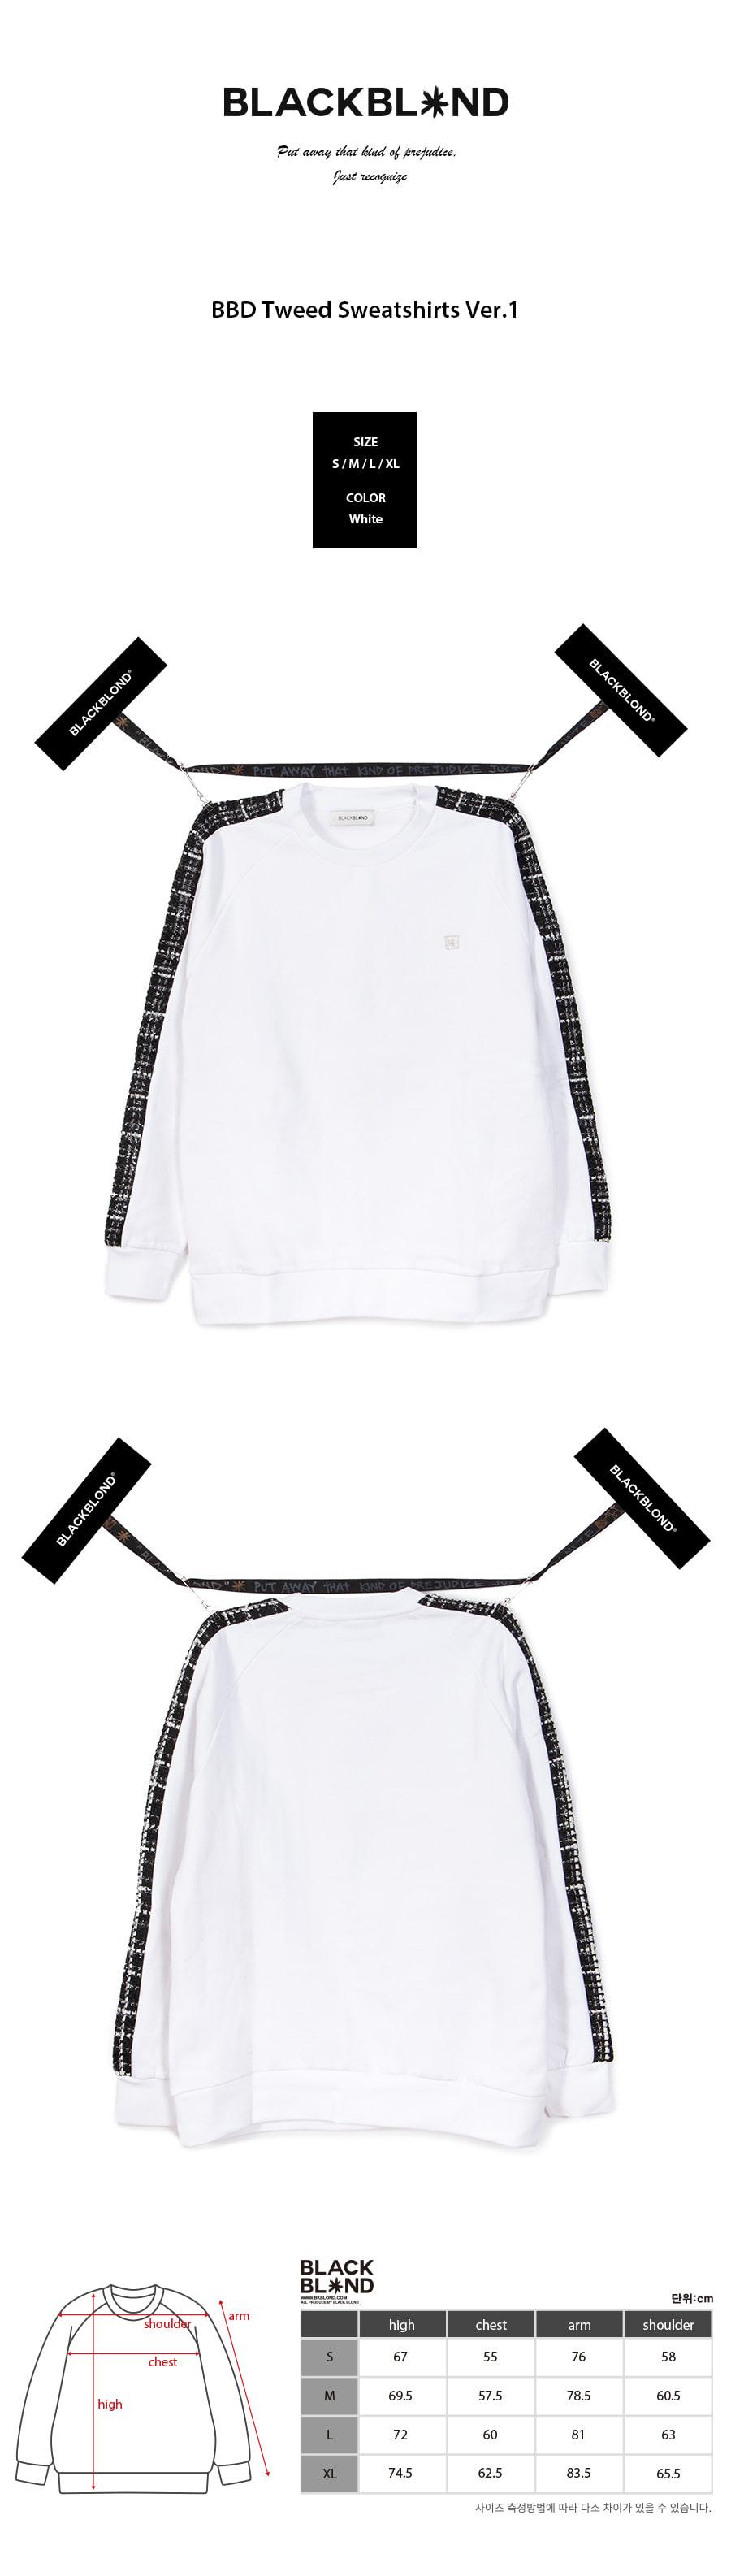 BBD-Tweed-Sweatshirts-Ver_1-%28White%29.jpg